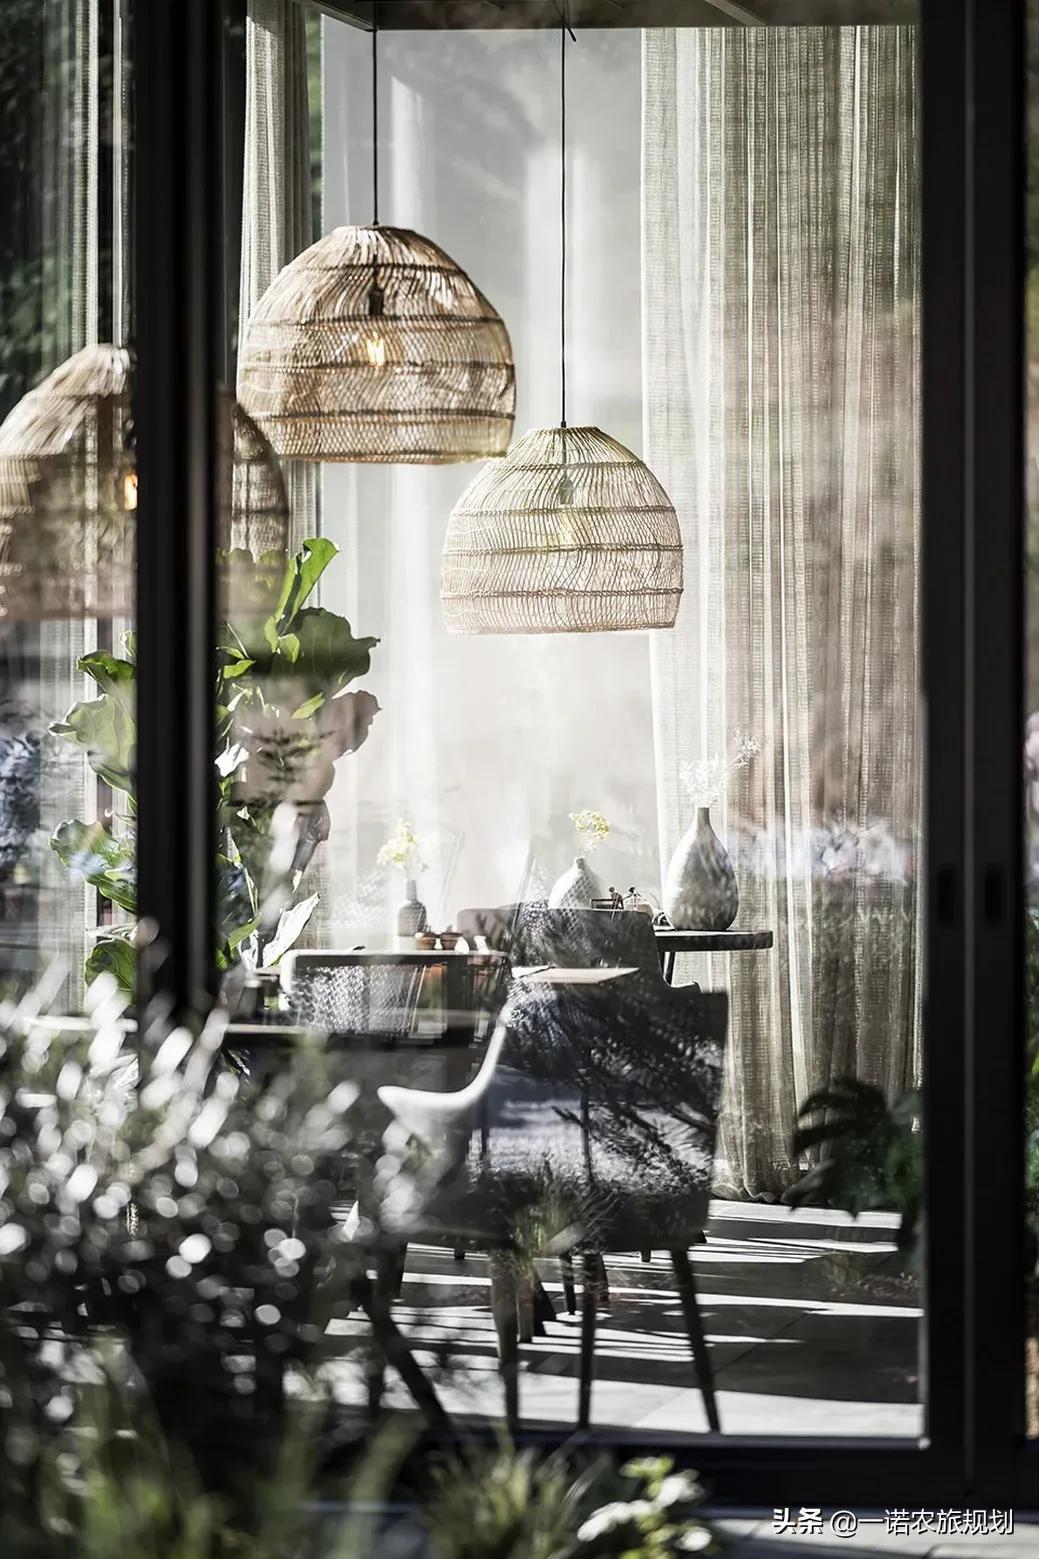 康养案例:国外6个高大上的创意疗养酒店